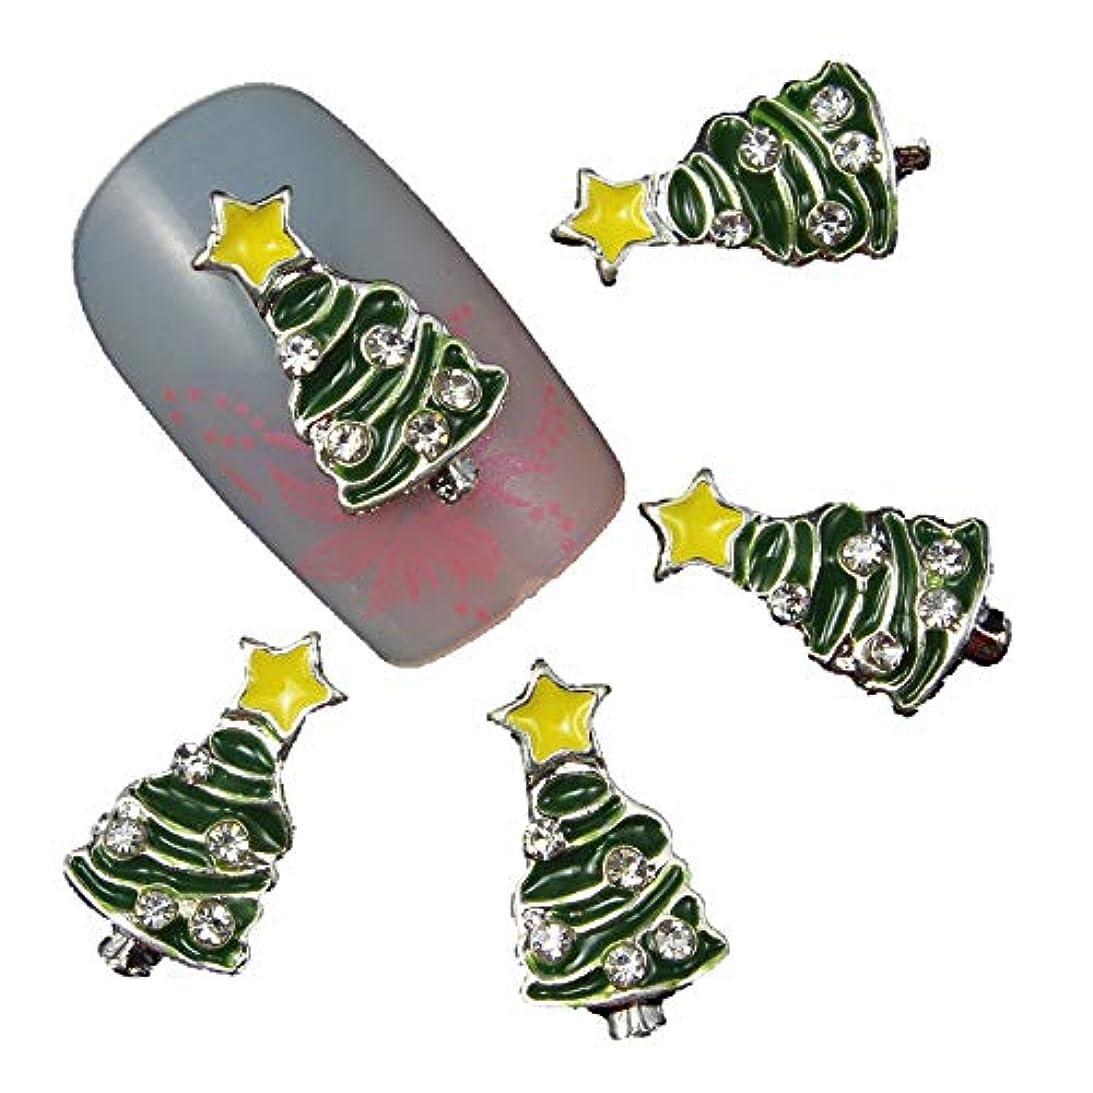 描写メイトドレイン10個/ロット3Dクリスマスツリーのネイルアートマジックカラーデザインのスタッドは、美容ネイルチャームラインストーン用品